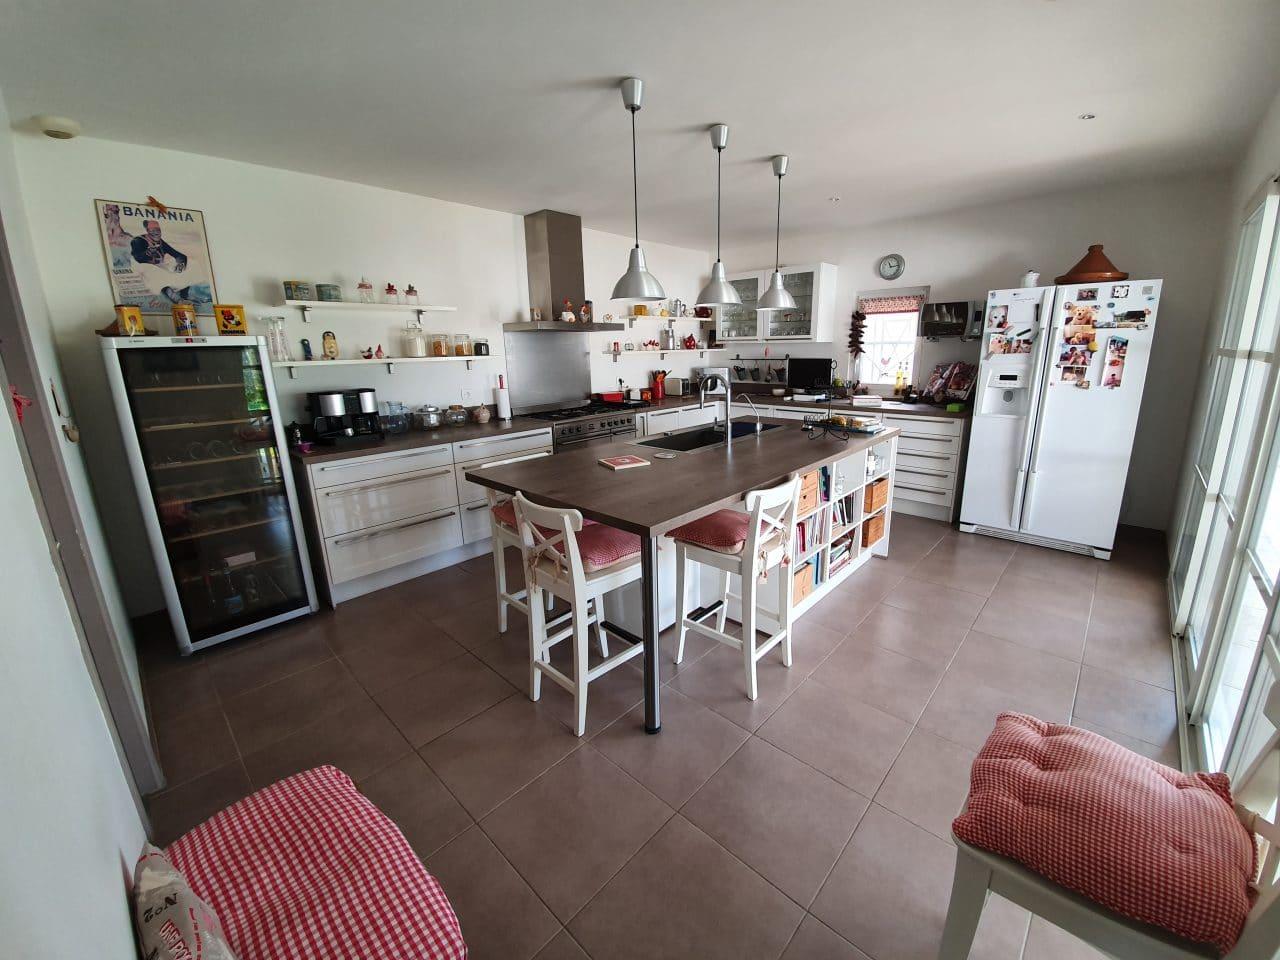 Création de cuisine pour une maison à Angoulême (15) - illiCO travaux